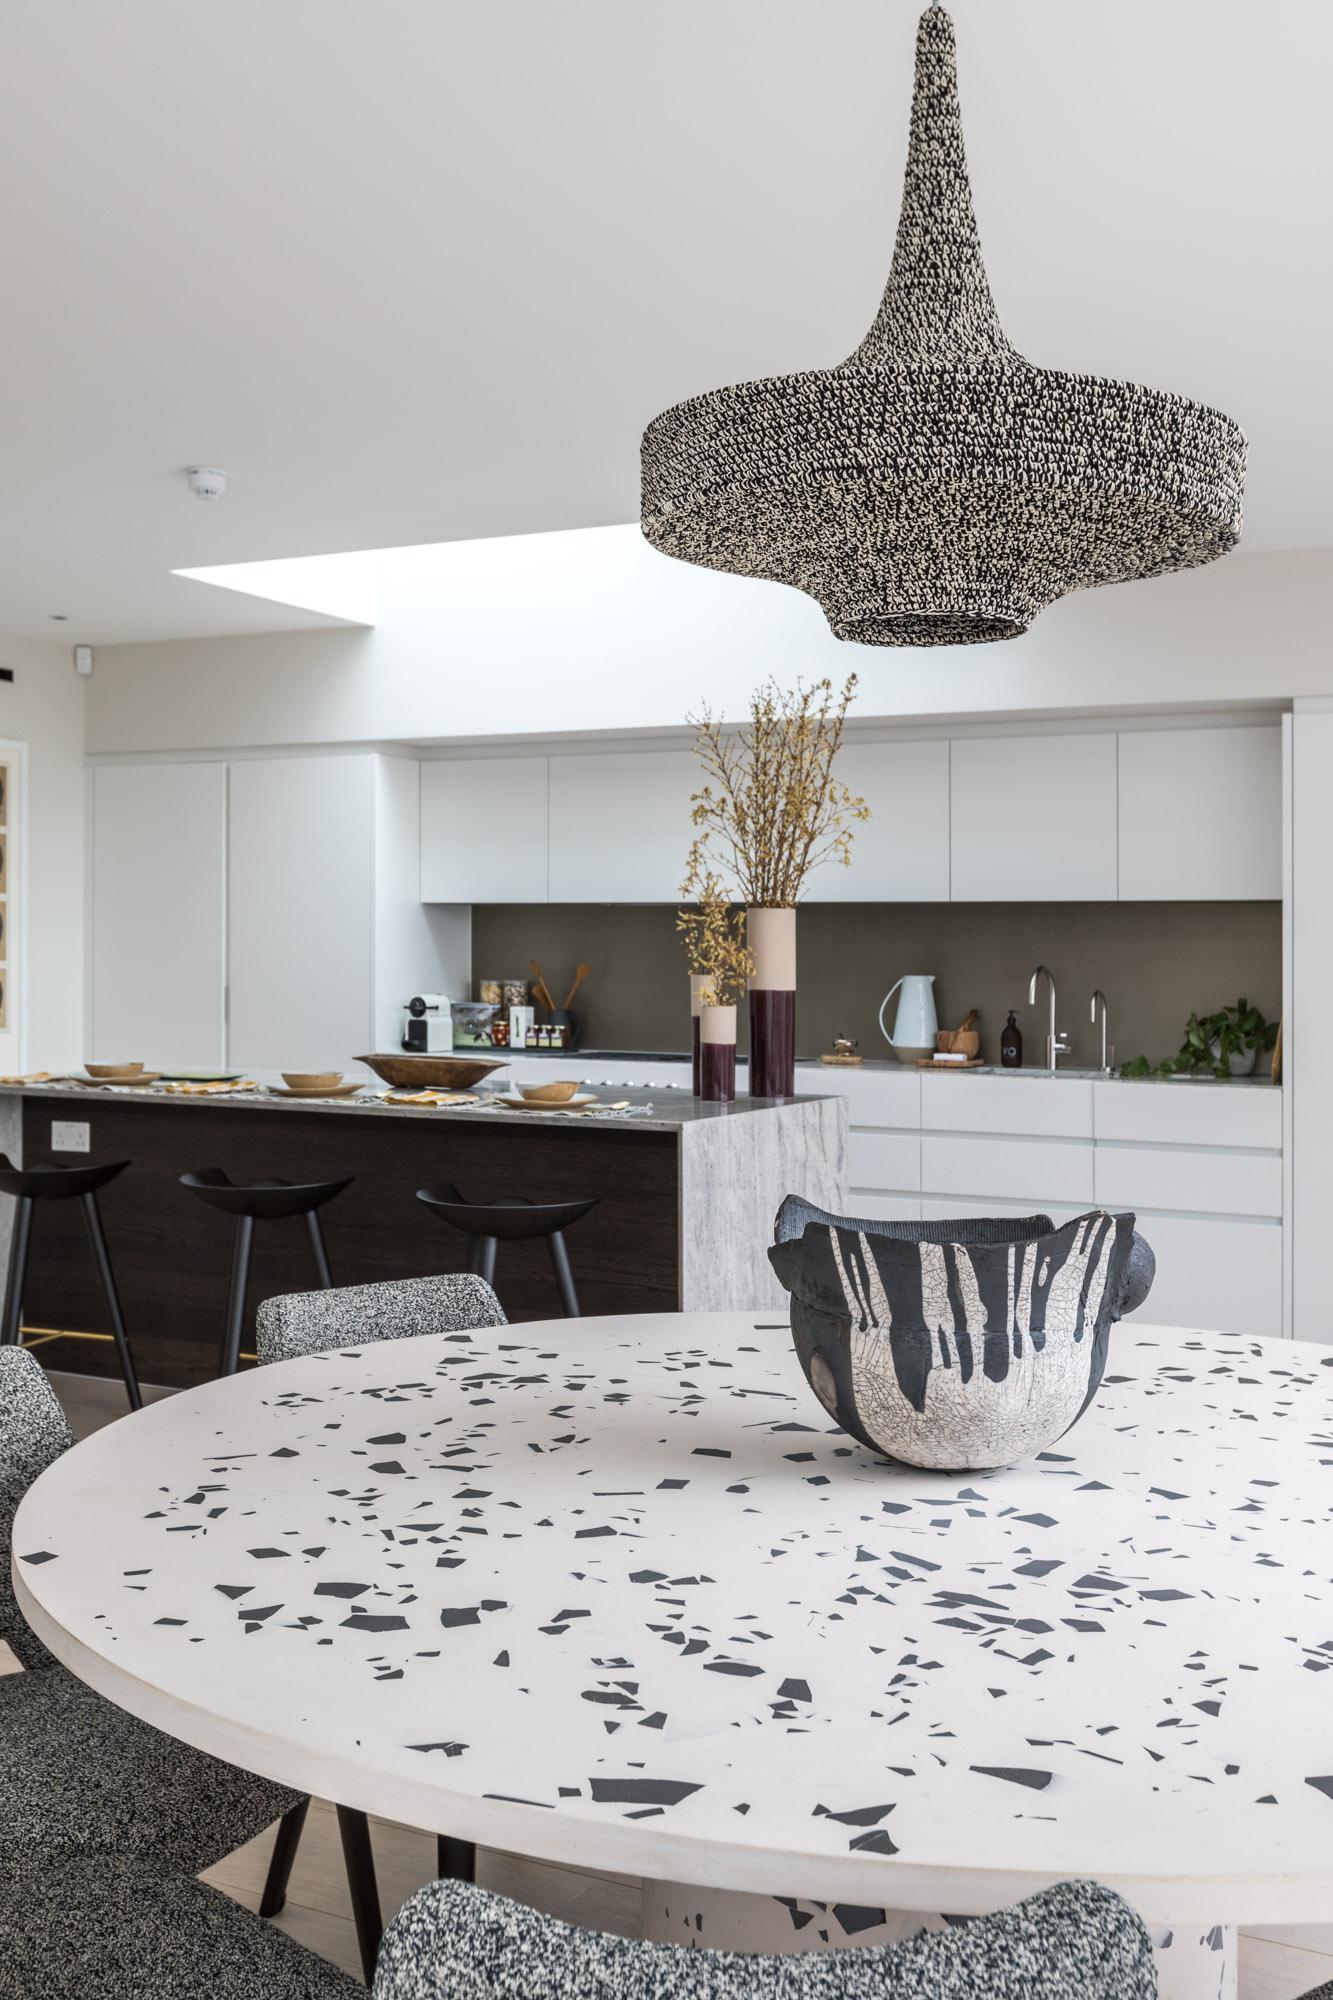 jonathan bond, interior photographer, round kitchen table, battersea, london